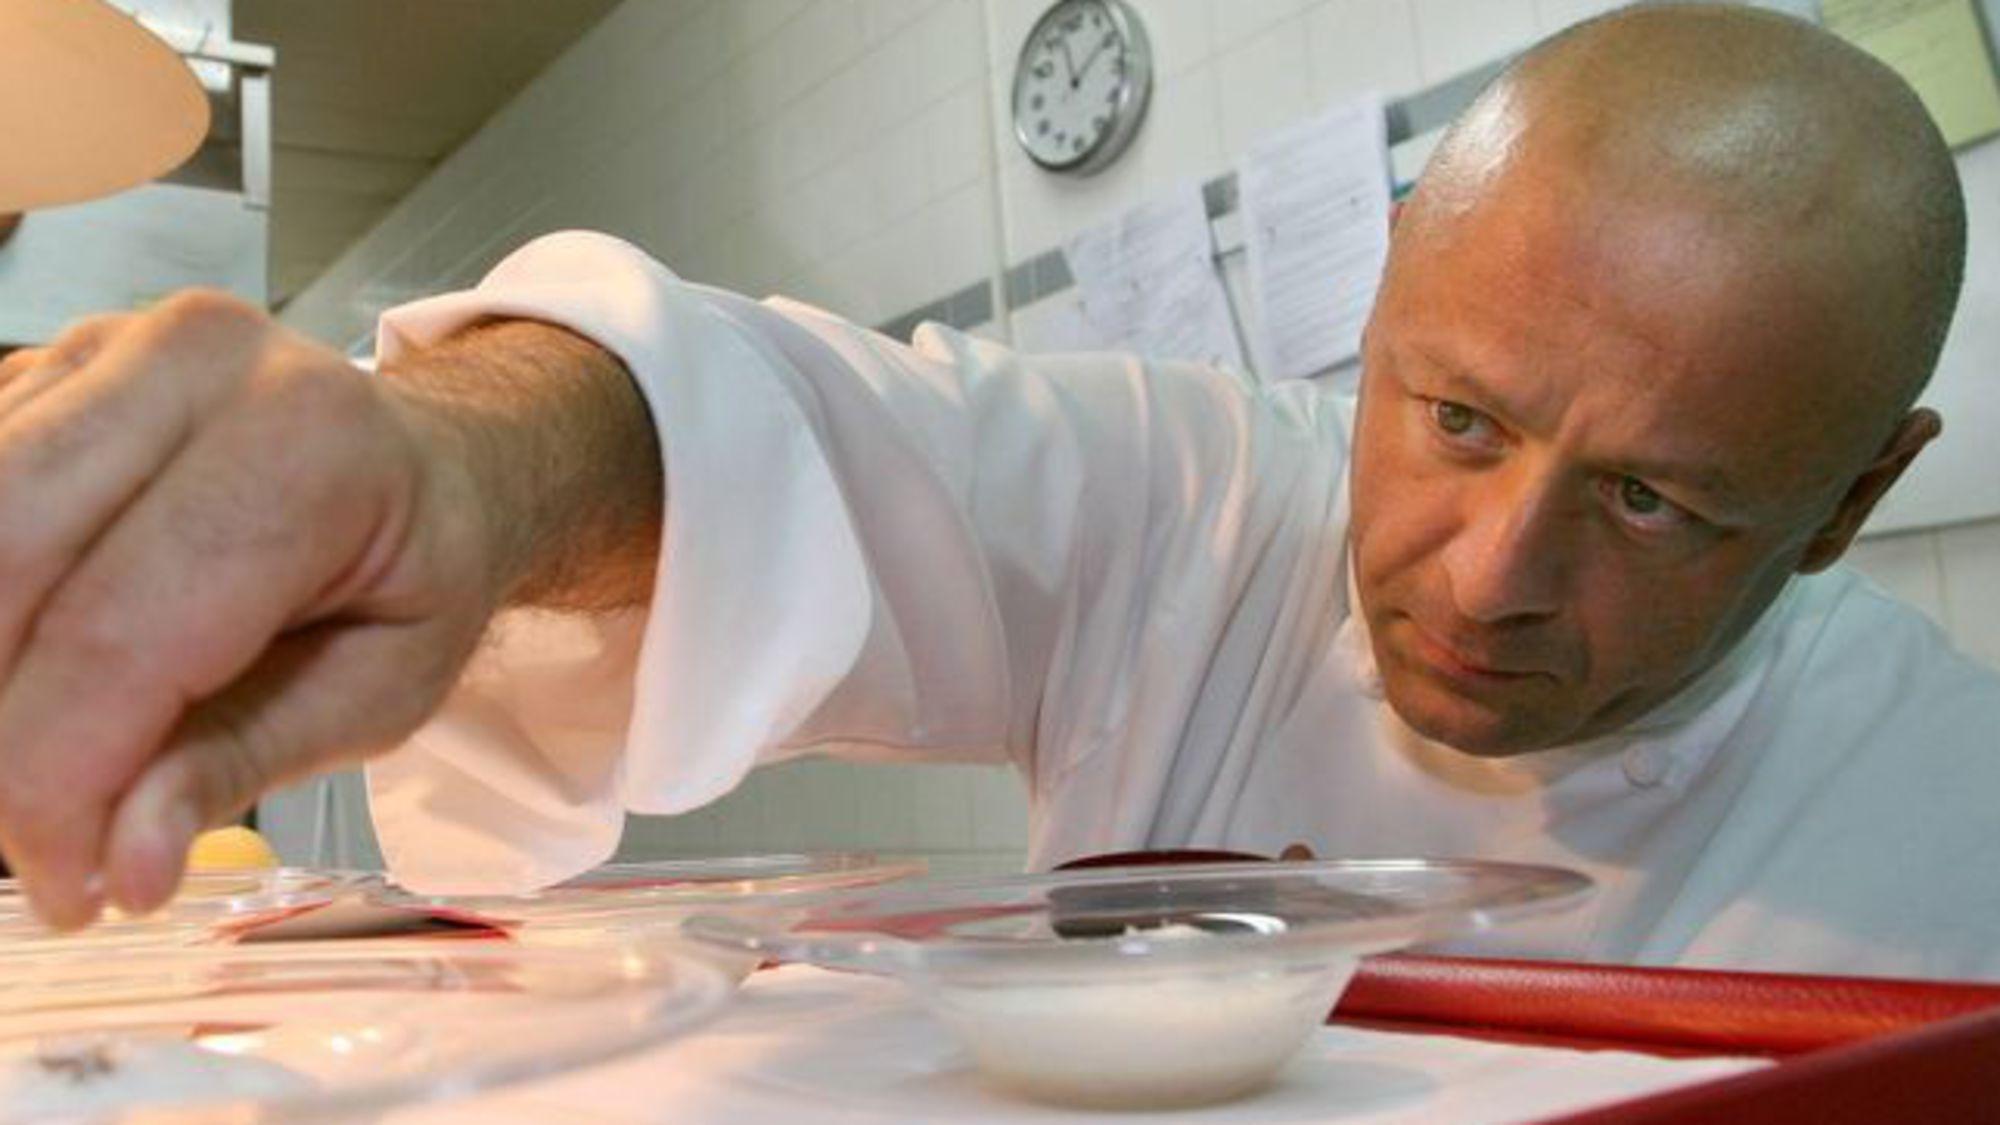 thierry-marx portrait cuisine chef management teambuilding coaching